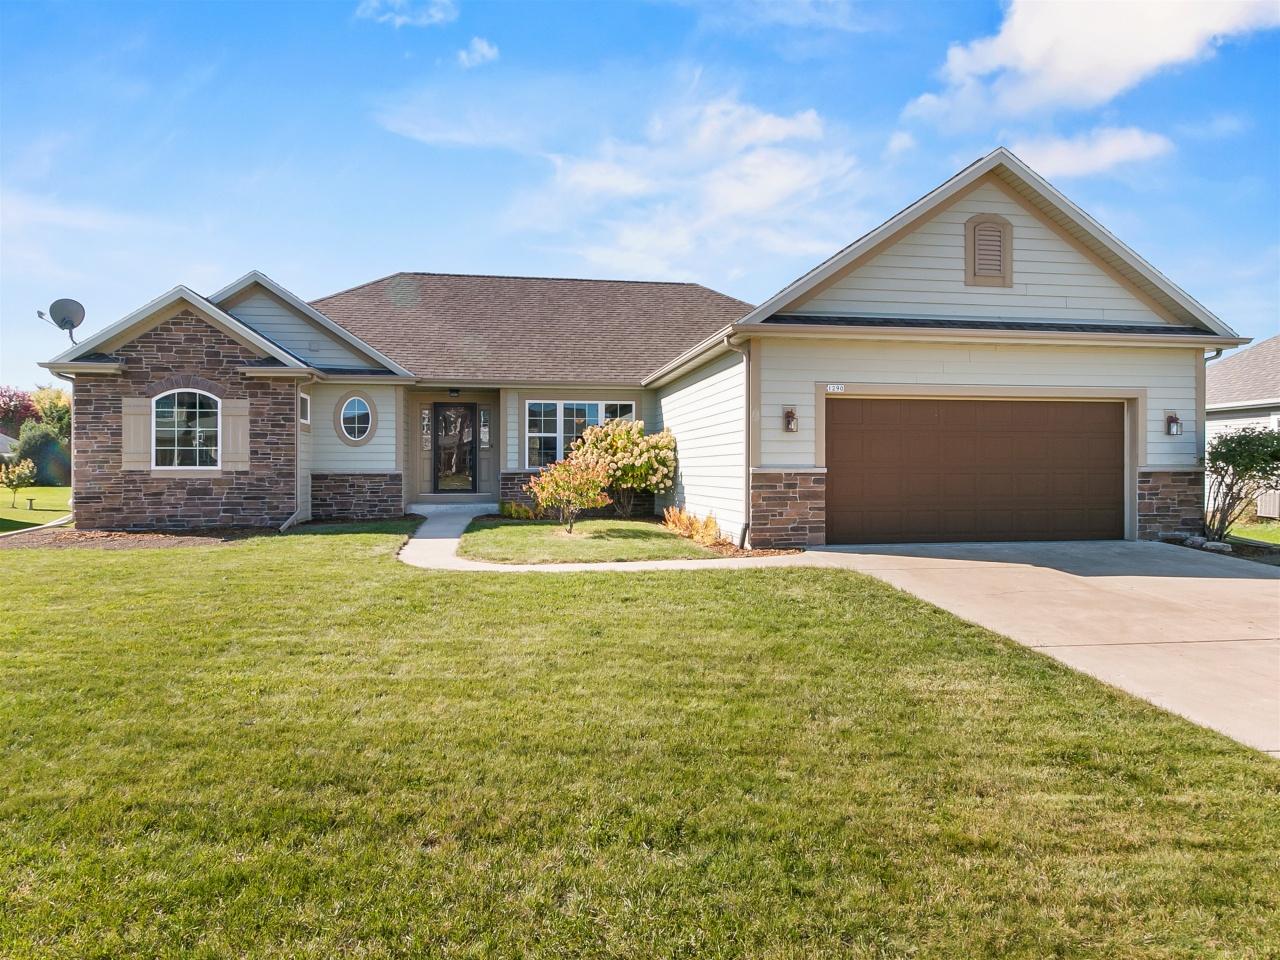 1290 Victoria Ln, Oconomowoc, Wisconsin 53066, 3 Bedrooms Bedrooms, ,2 BathroomsBathrooms,Single-Family,For Sale,Victoria Ln,1713990